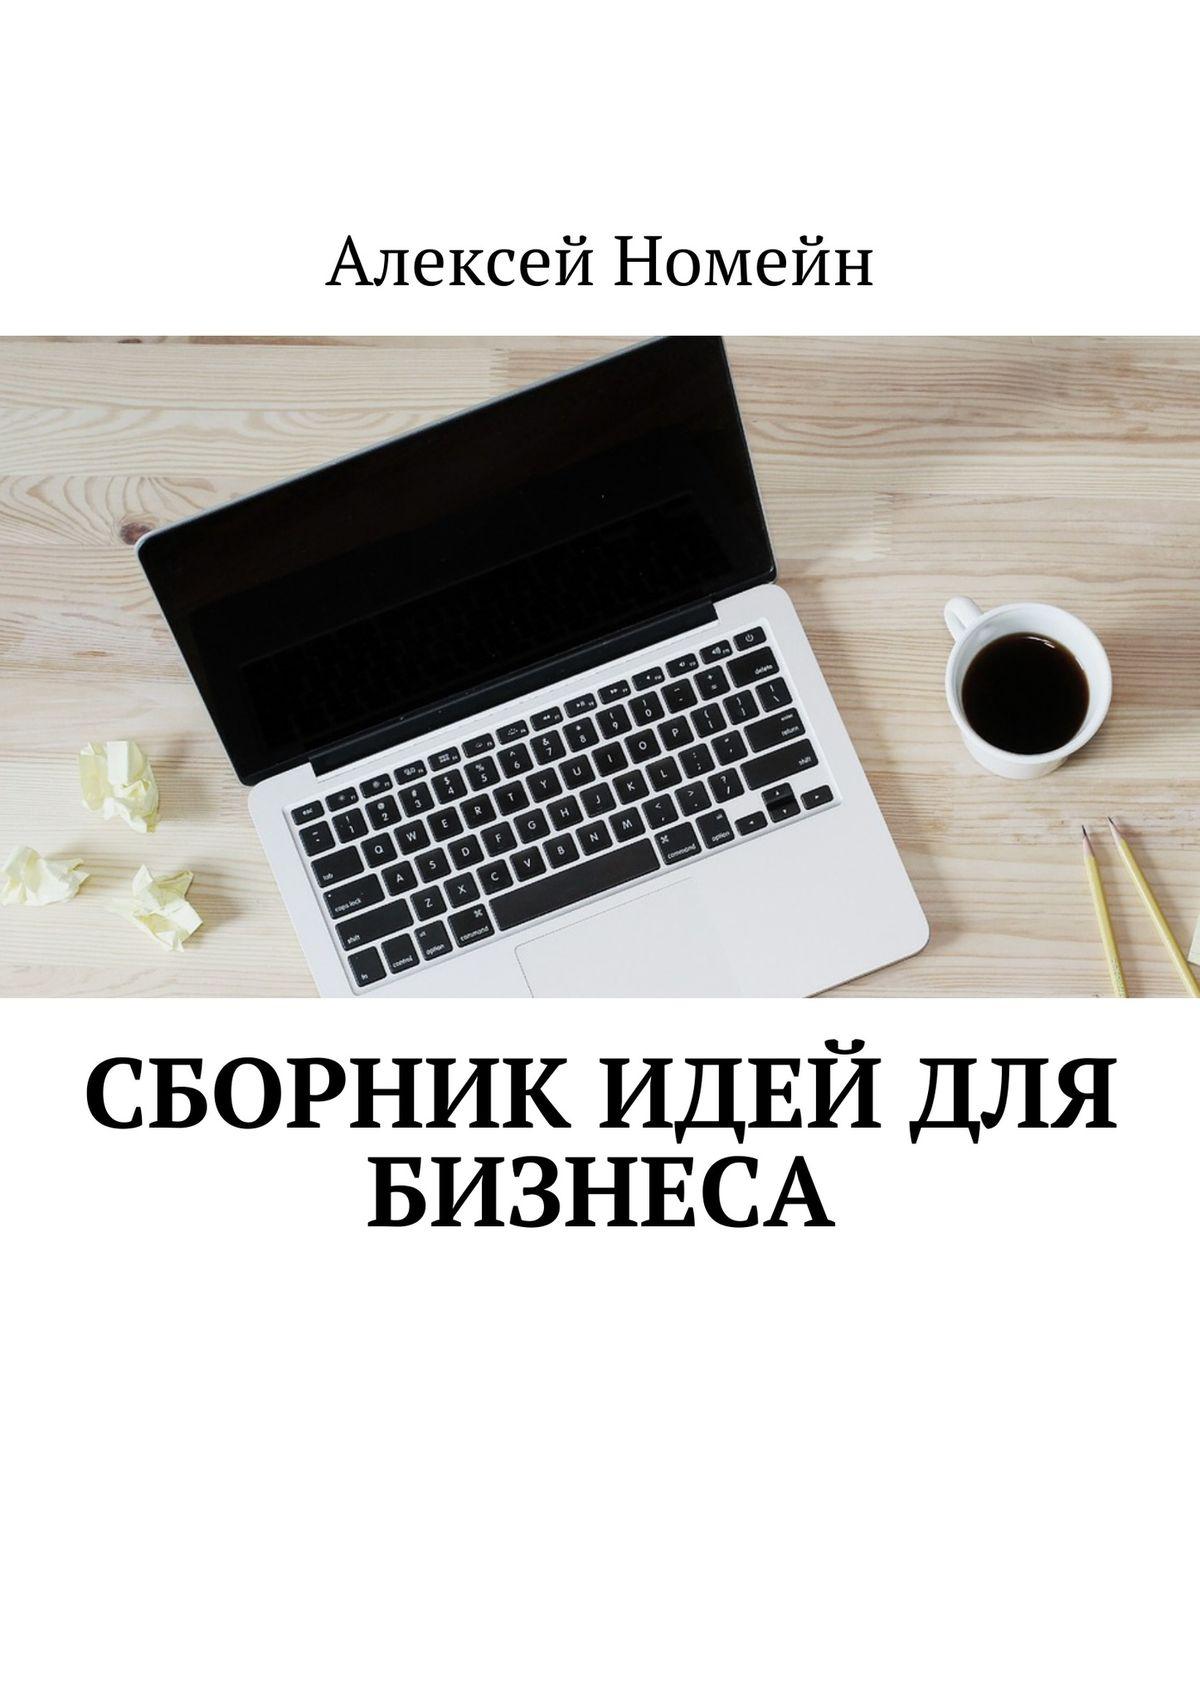 Алексей Номейн Сборник идей для бизнеса алексей номейн идеи для бизнеса в